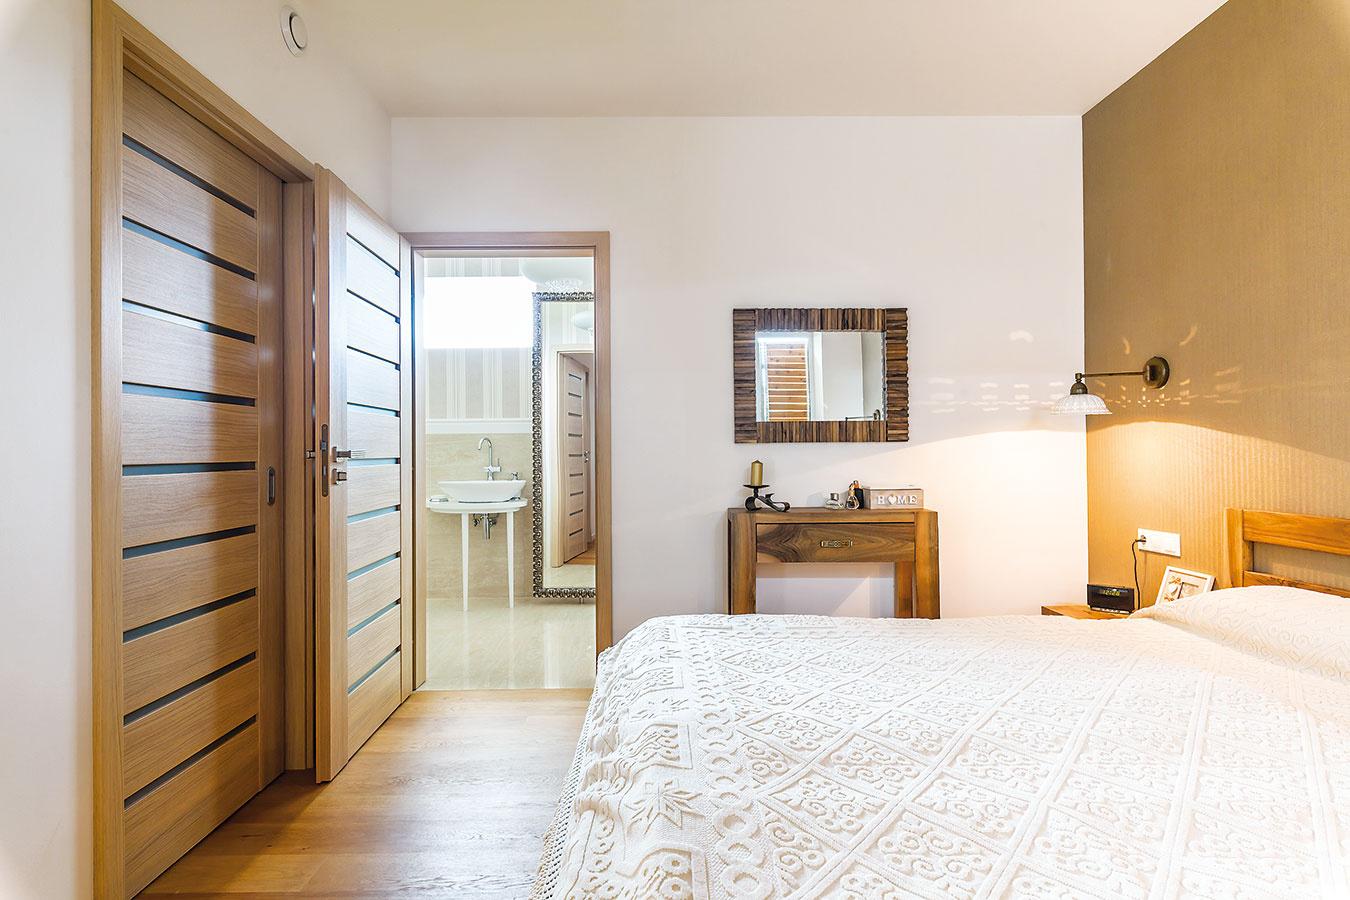 Z hlavnej spálne je prístupný šatník aj samostatná kúpeľňa. Aj tu sa prírodné materiály afarby postarali opríjemnú, pokojnú atmosféru.